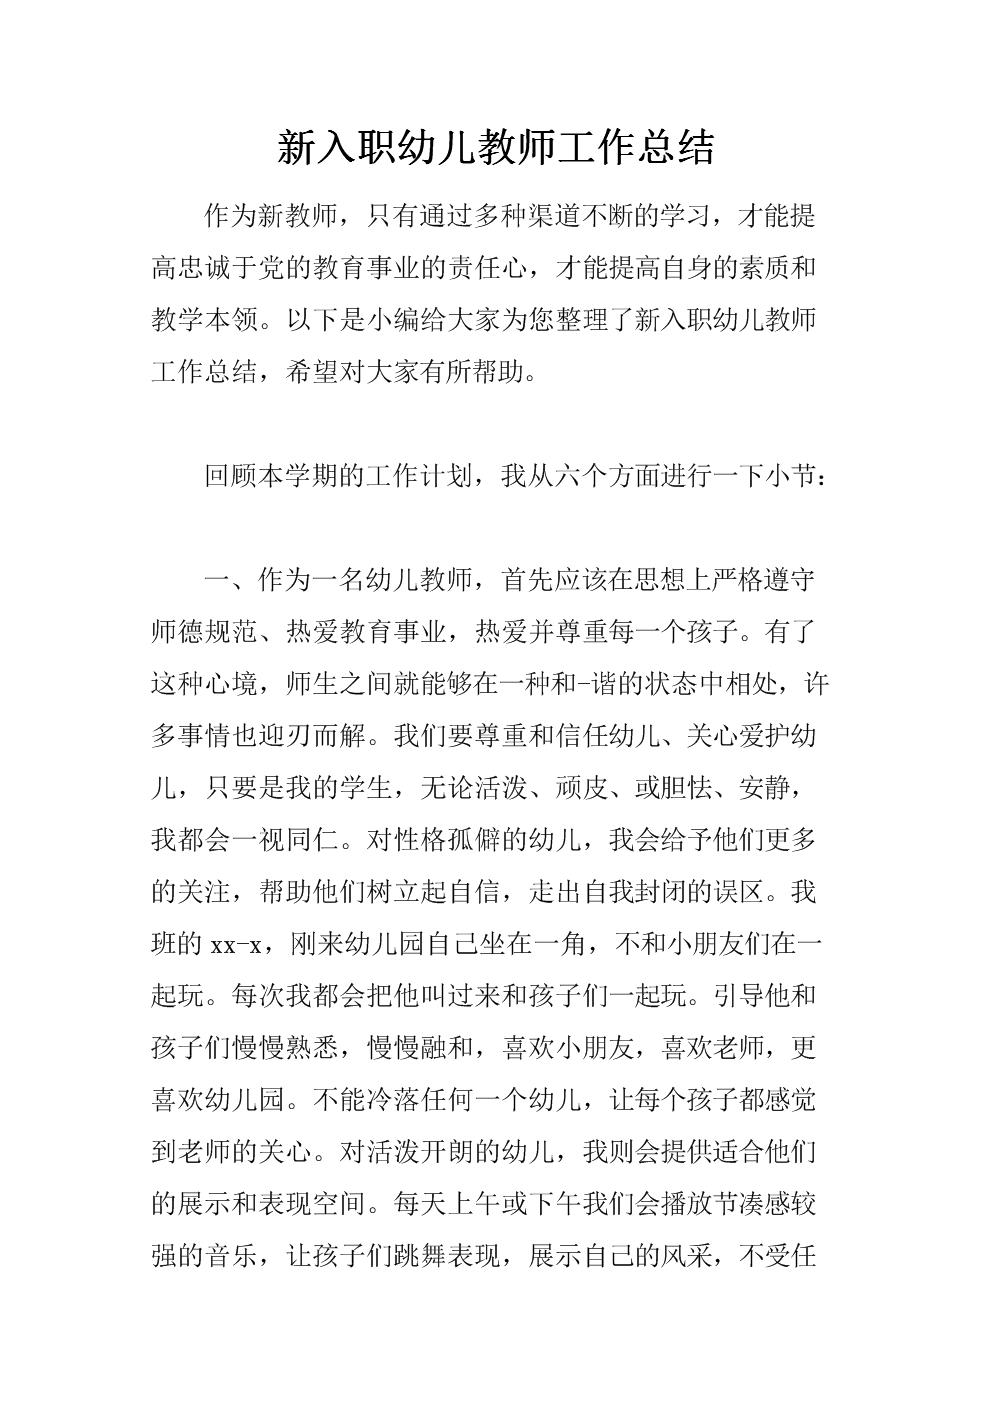 幼师上学期工作总结_新入职幼儿教师工作总结.docx